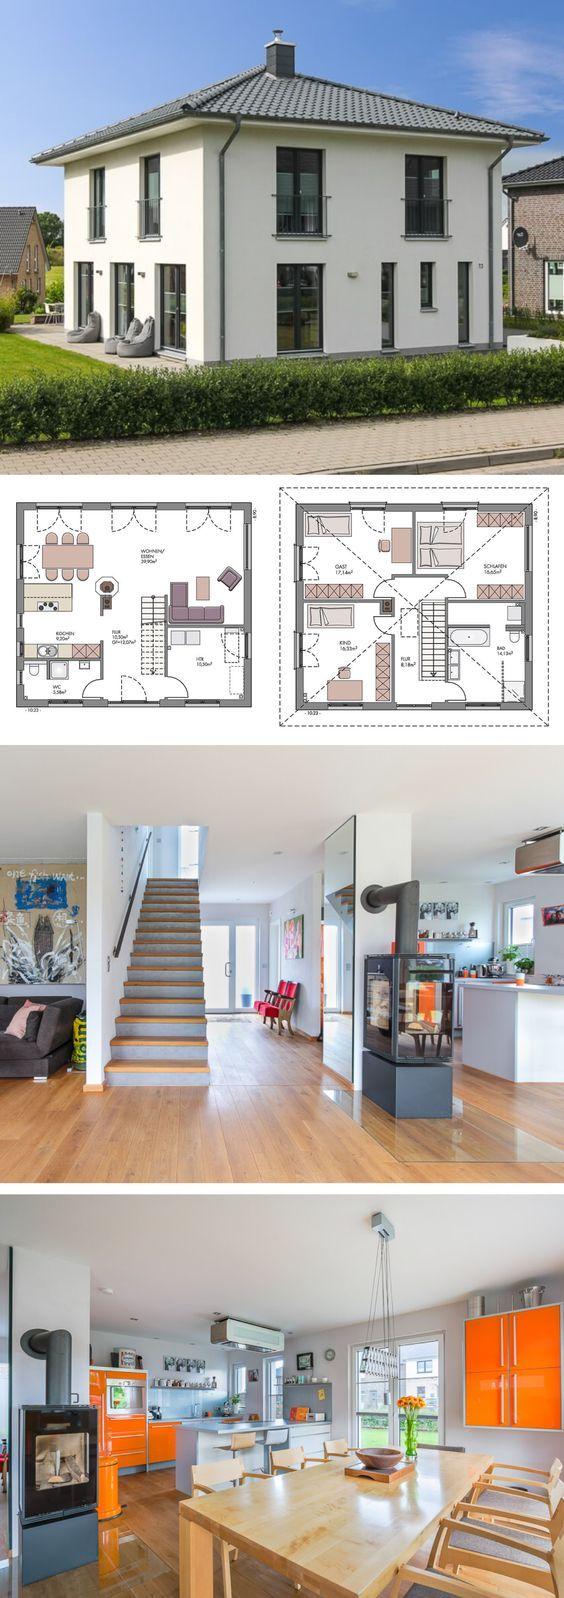 Stadtvilla modern mit bauhaus elementen kamin zeltdach architektur einfamilienhaus bauen - Architektur flensburg ...